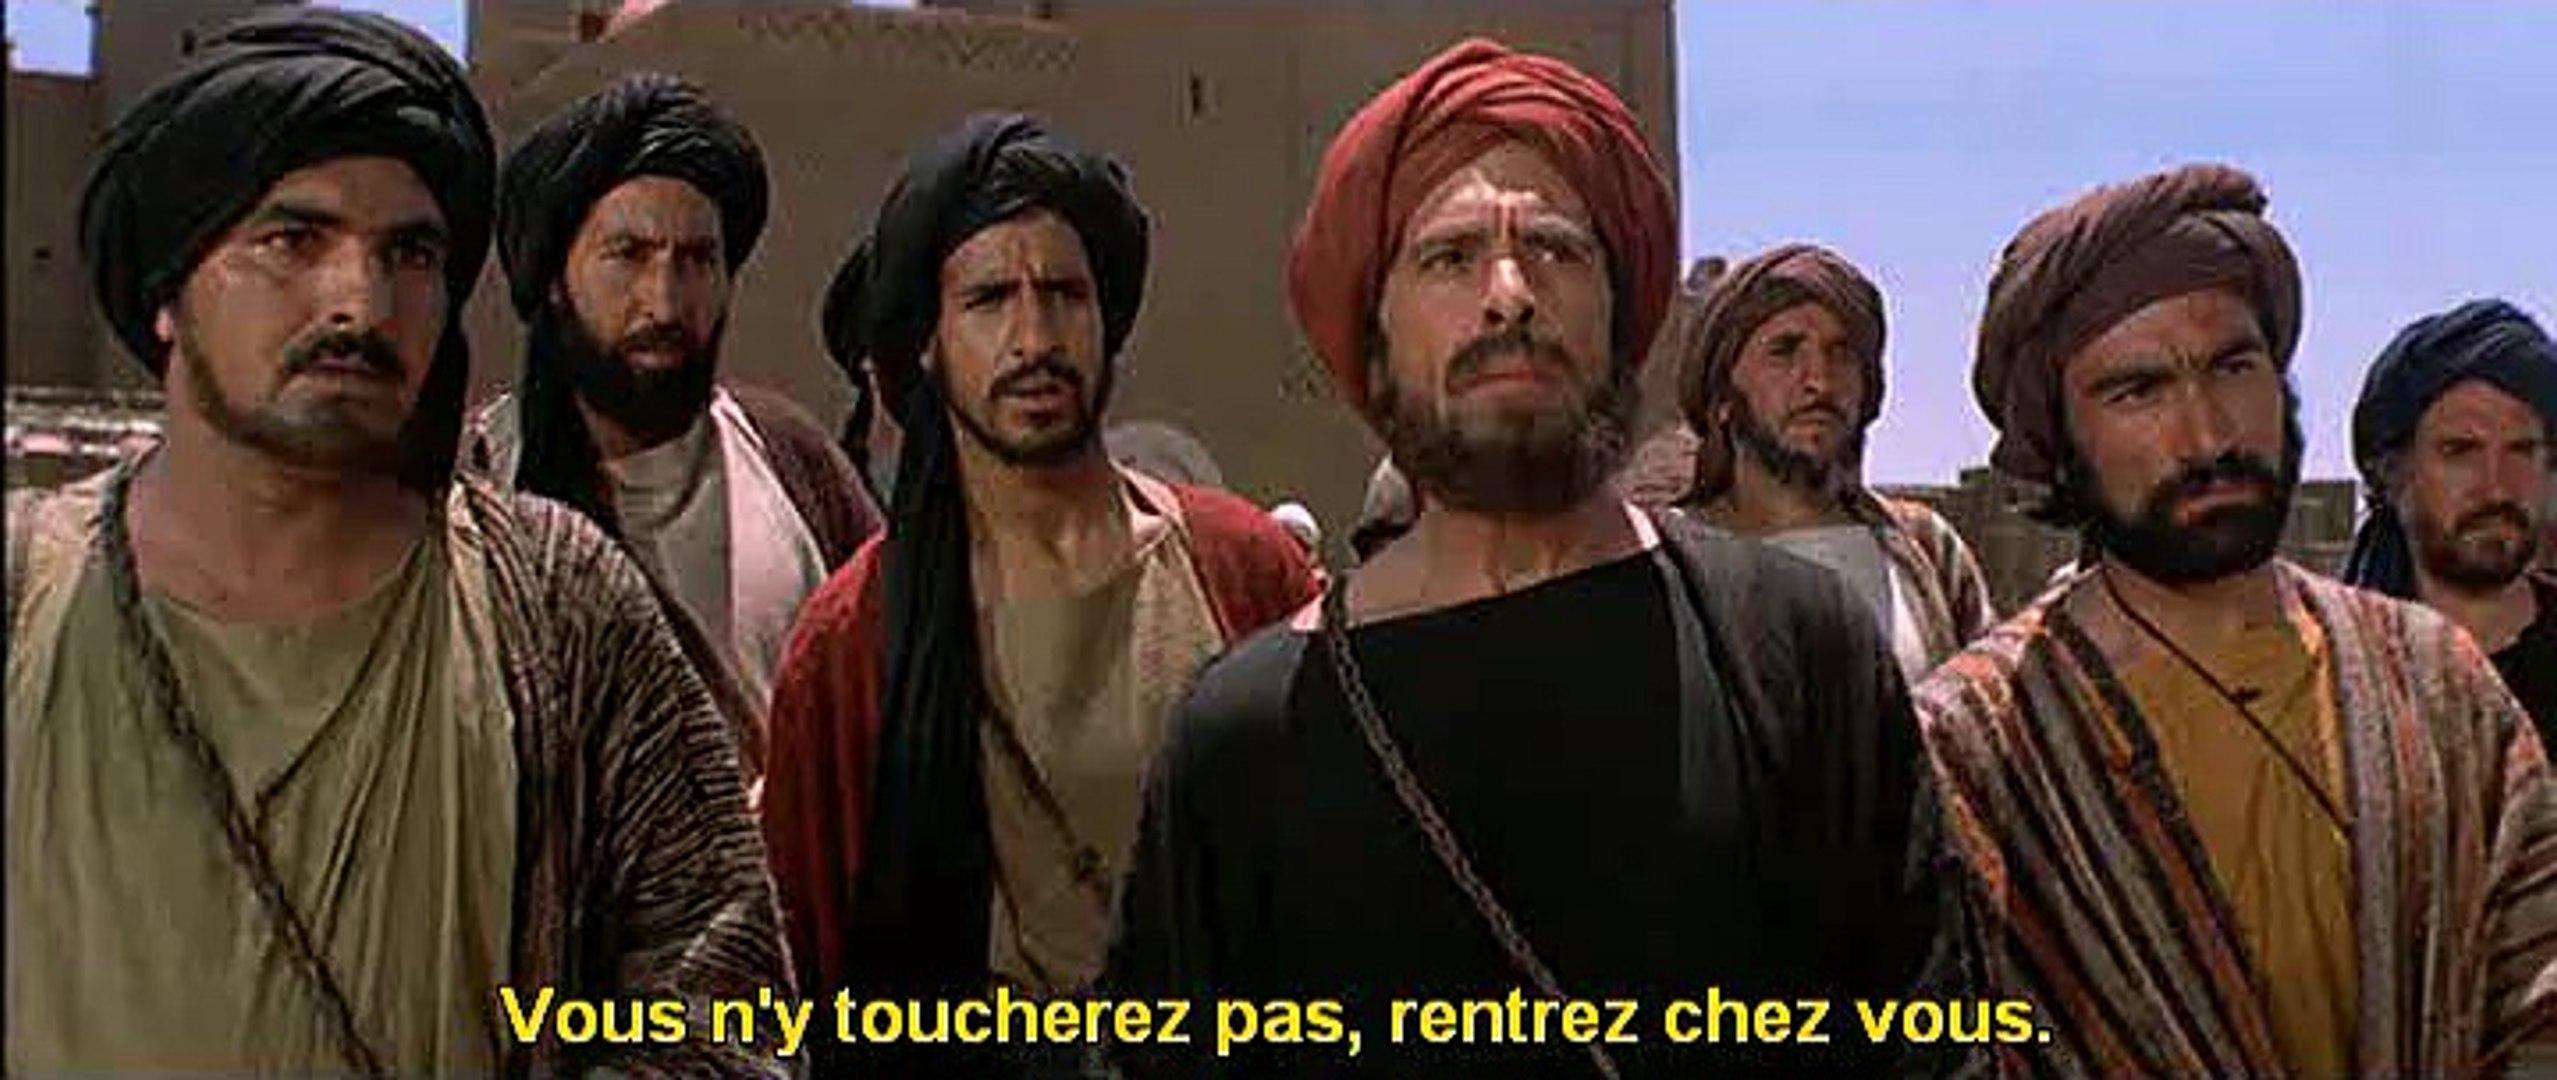 FILM ARABE EN TÉLÉCHARGER COMPLET ARRISSALA